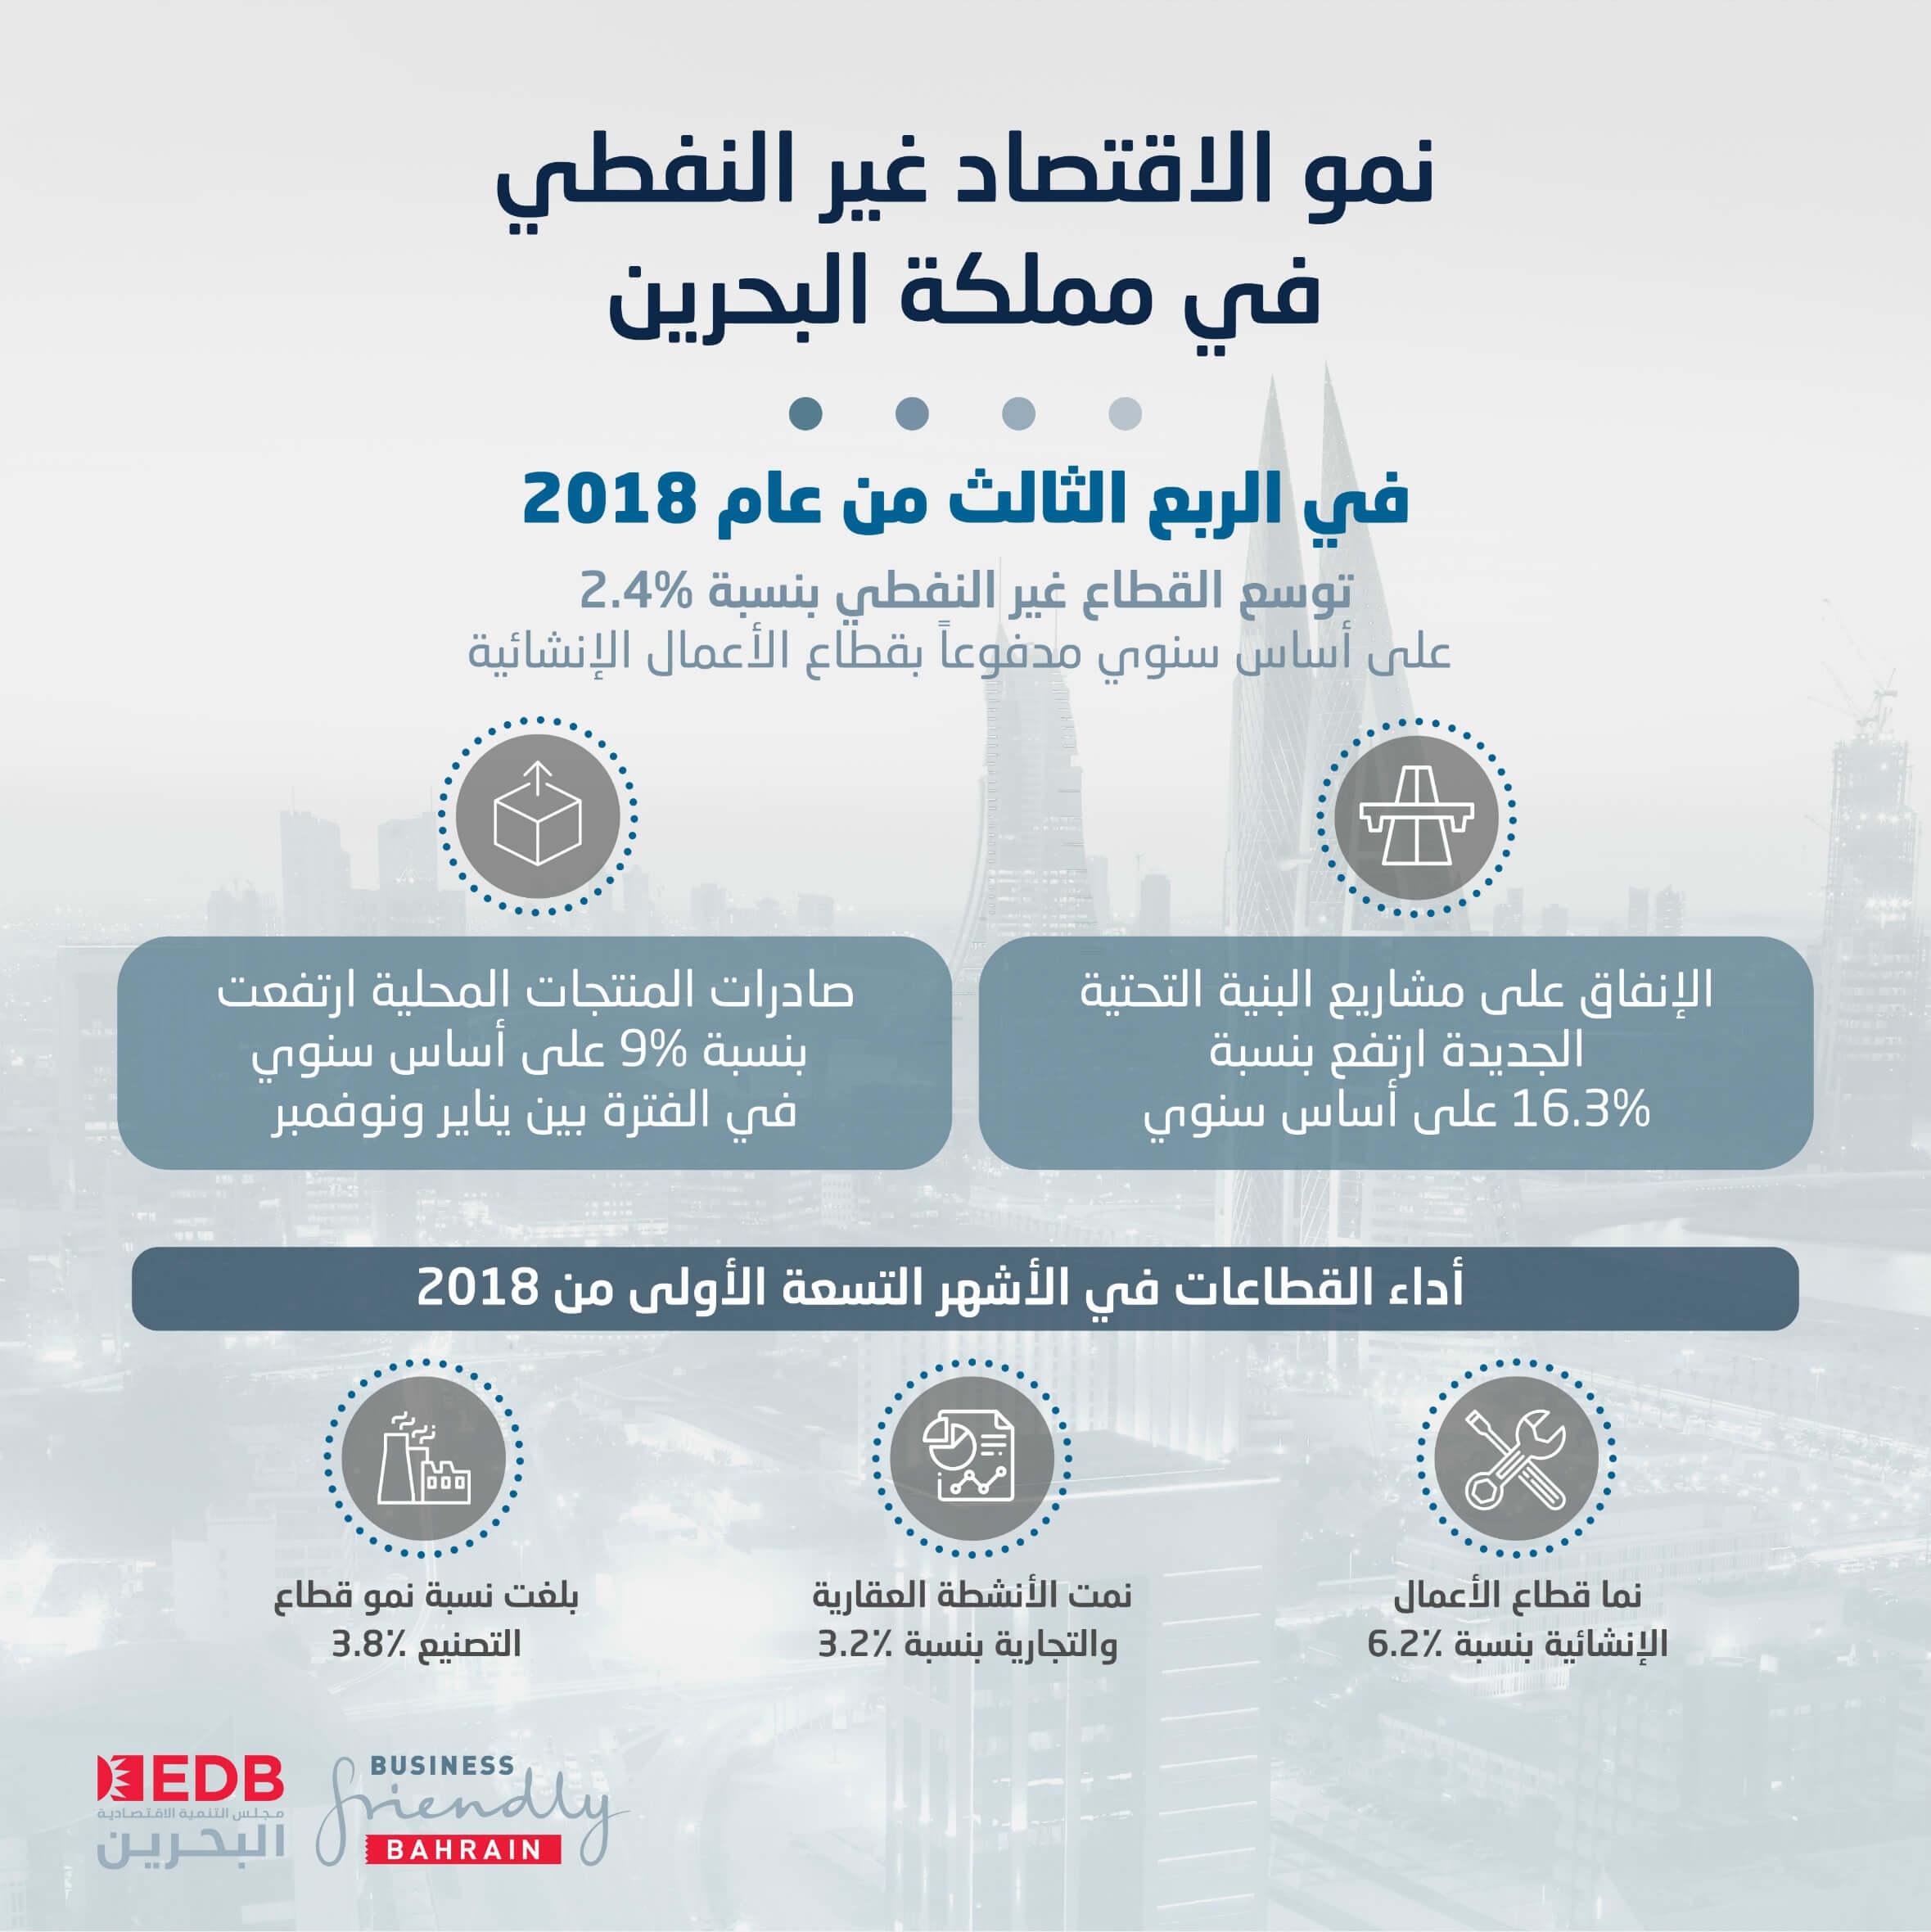 قطاعات البنية التحتية والأعمال الإنشائية تدعم استمرار نمو الاقتصاد غير النفطي في البحرين